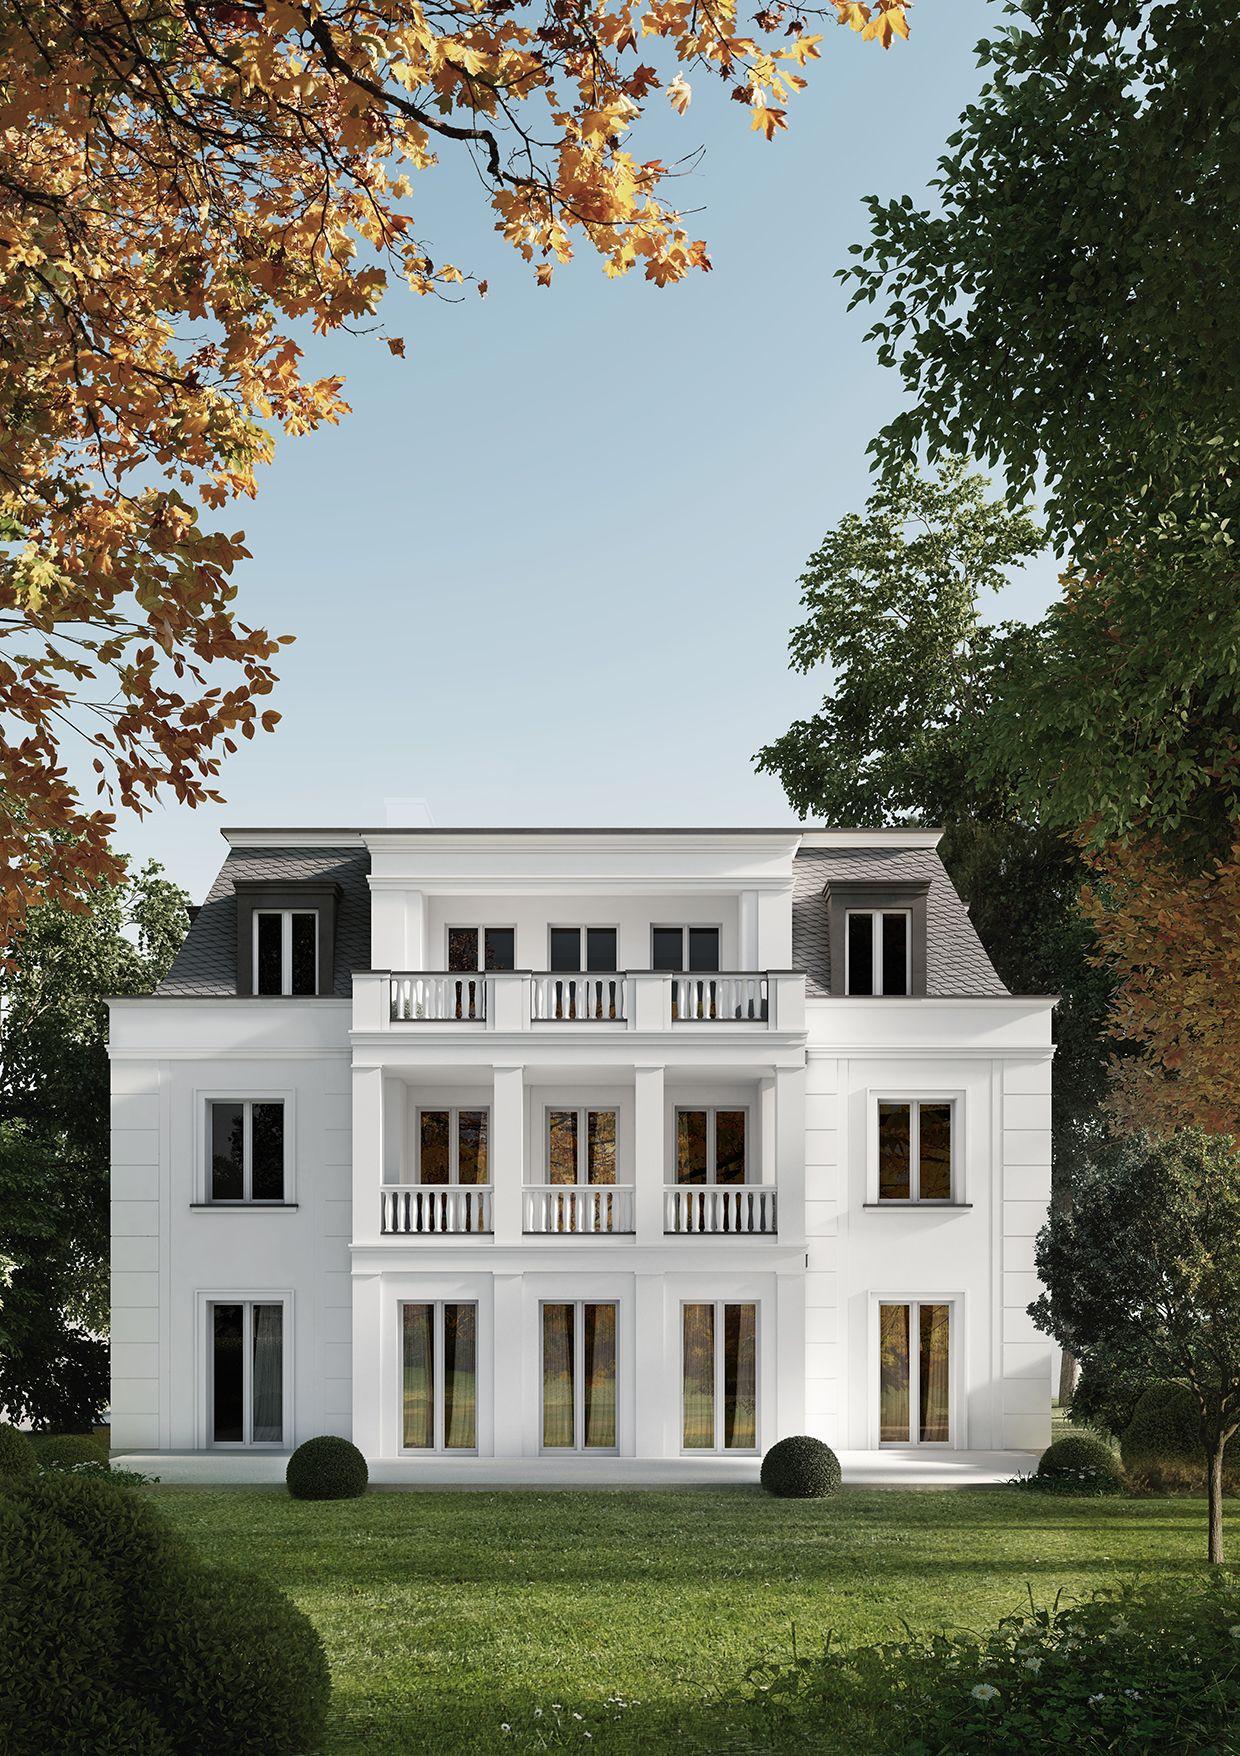 Mehrfamilienhaus mit 3 Wohneinheiten, Berlin Grunewald | Exteriors ...